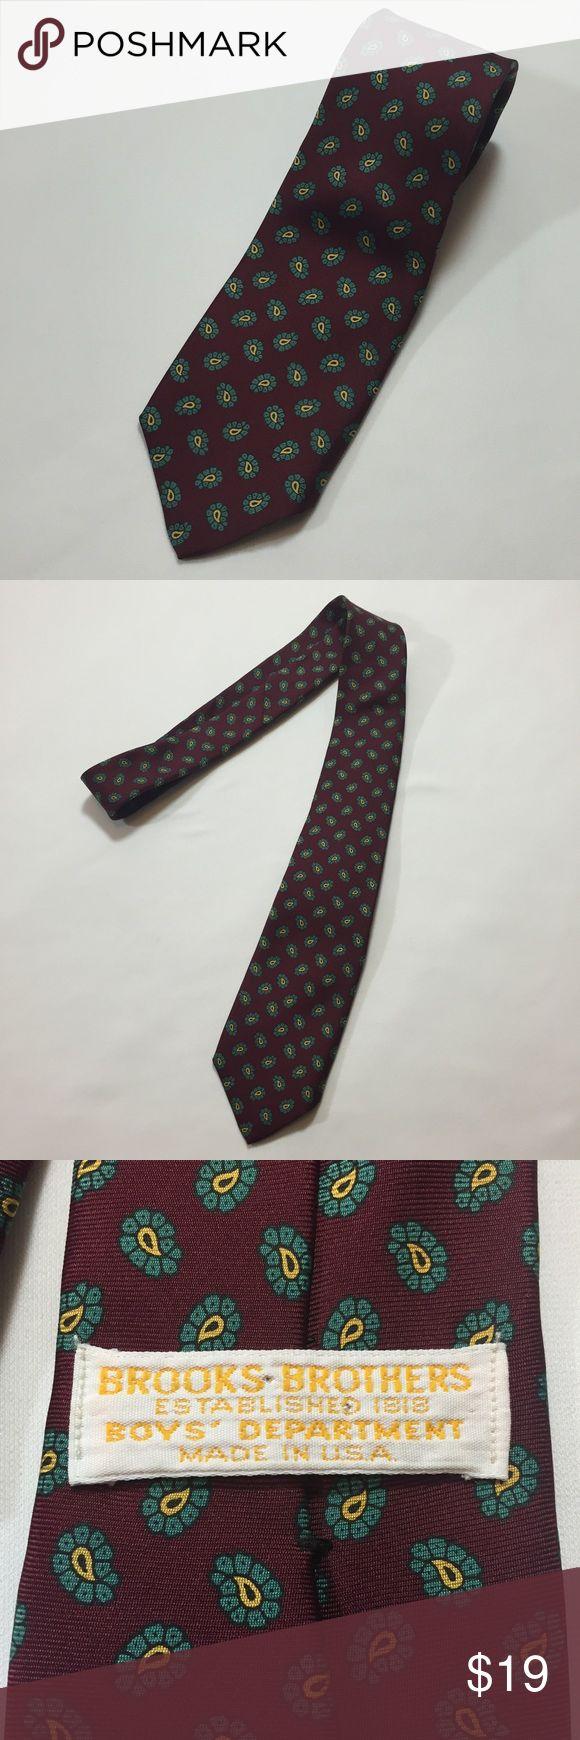 Boys brooks brothers necktie Good used condition brooks brothers necktie Brooks Brothers Accessories Ties